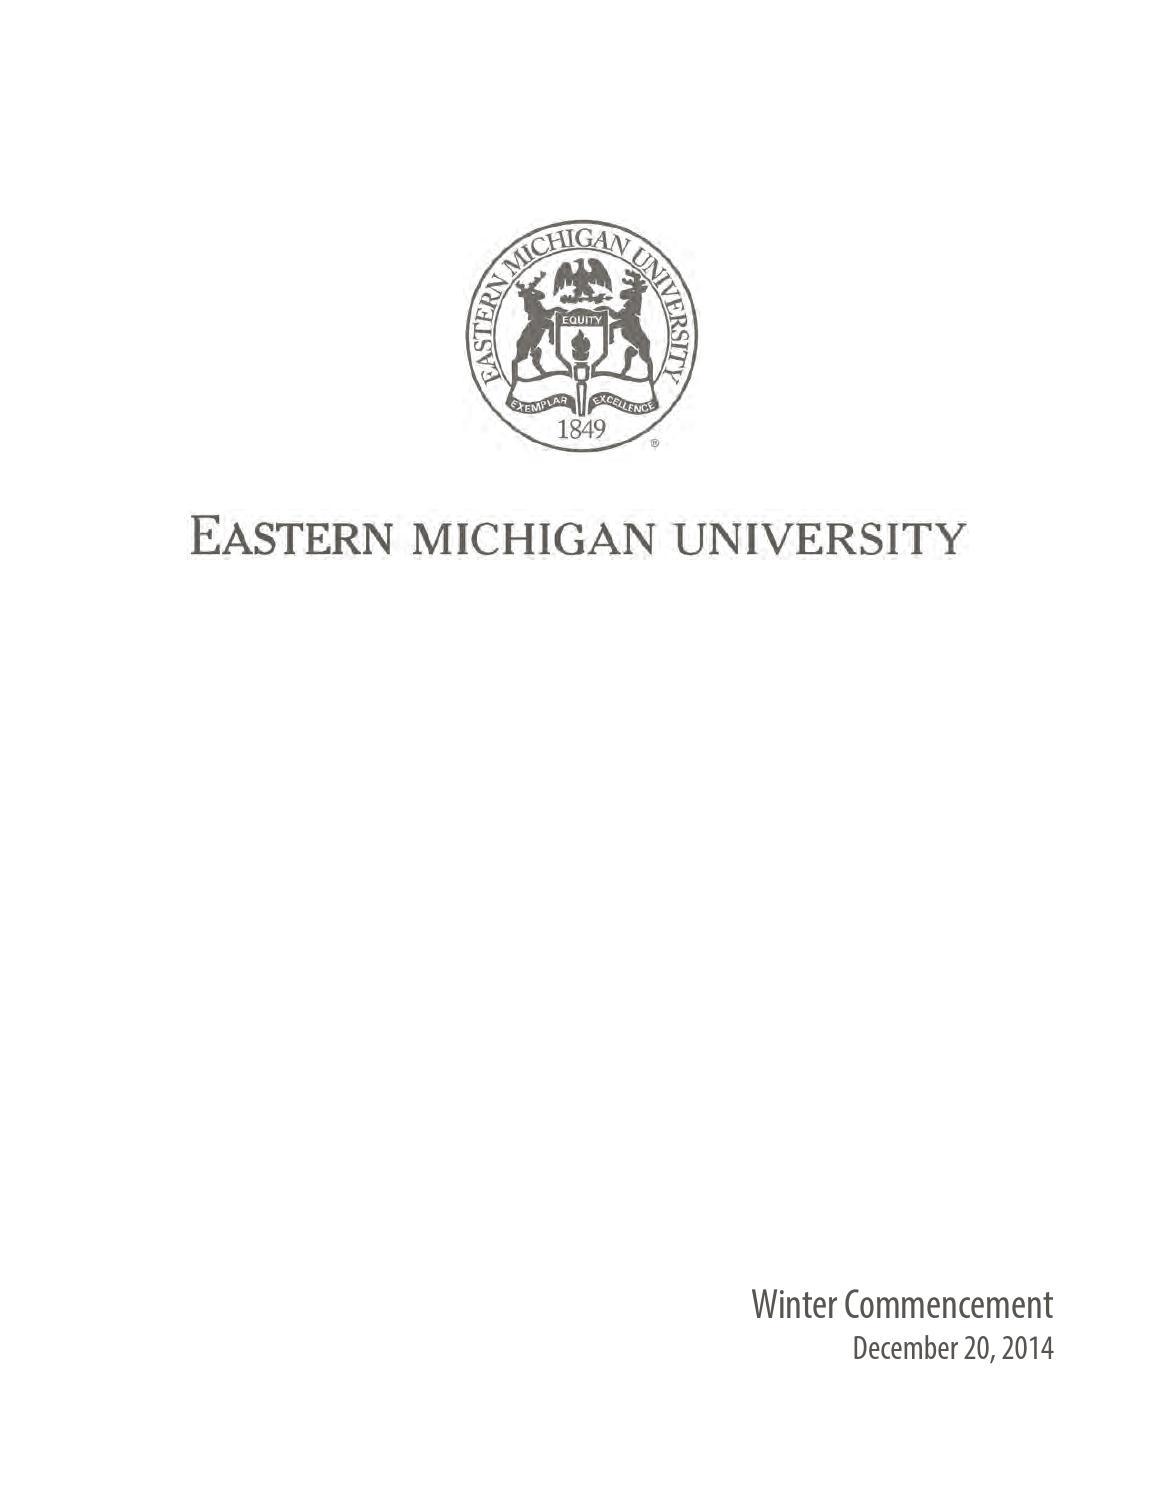 Sources - Claremont Graduate University